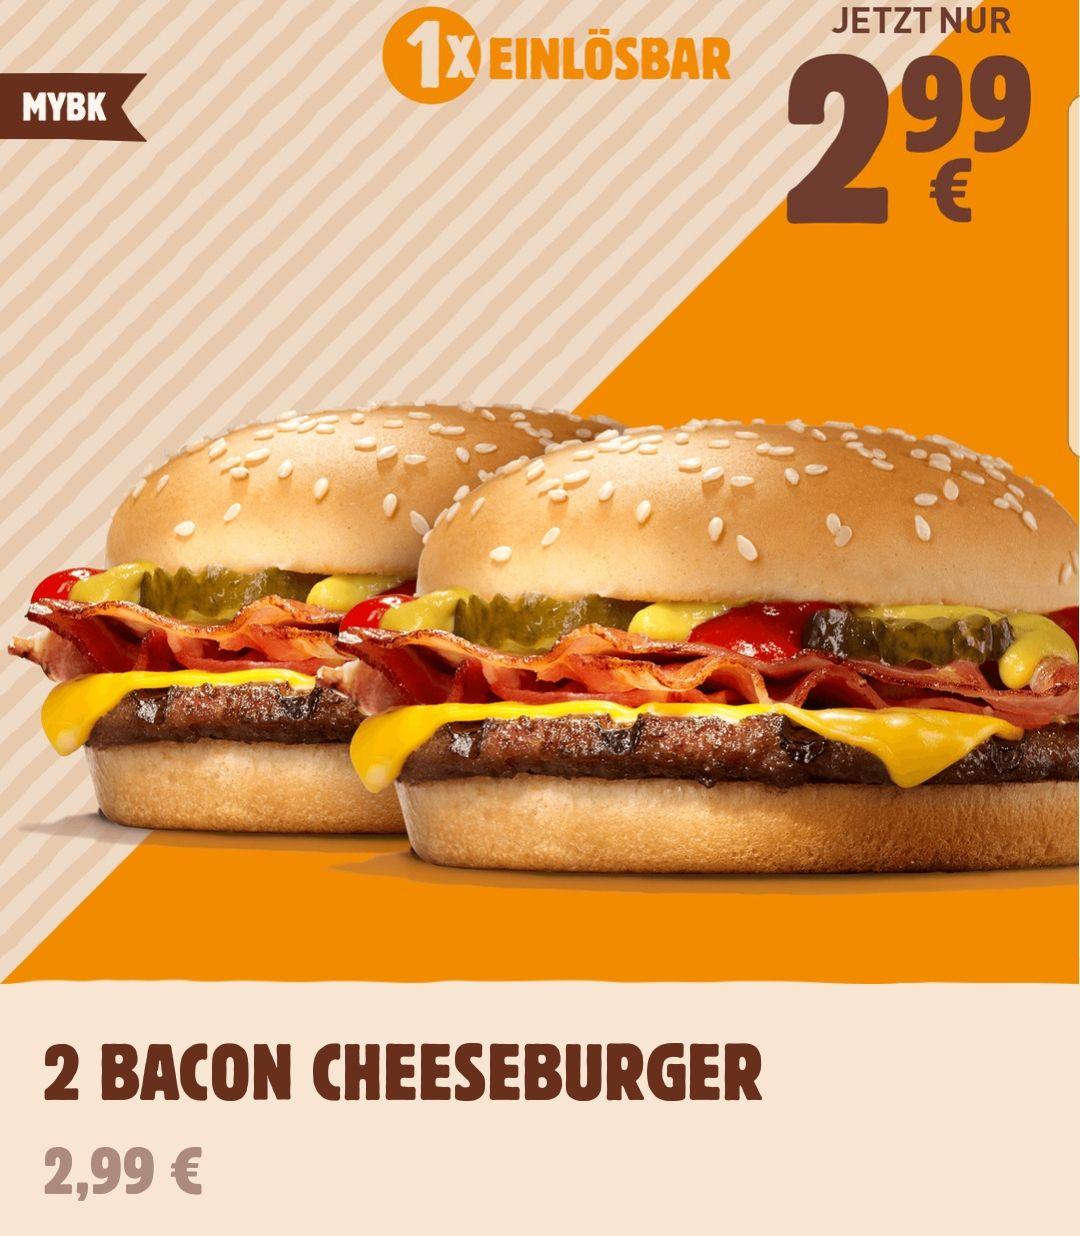 [Burger King App] 2 Bacon Cheeseburger für 2,99€